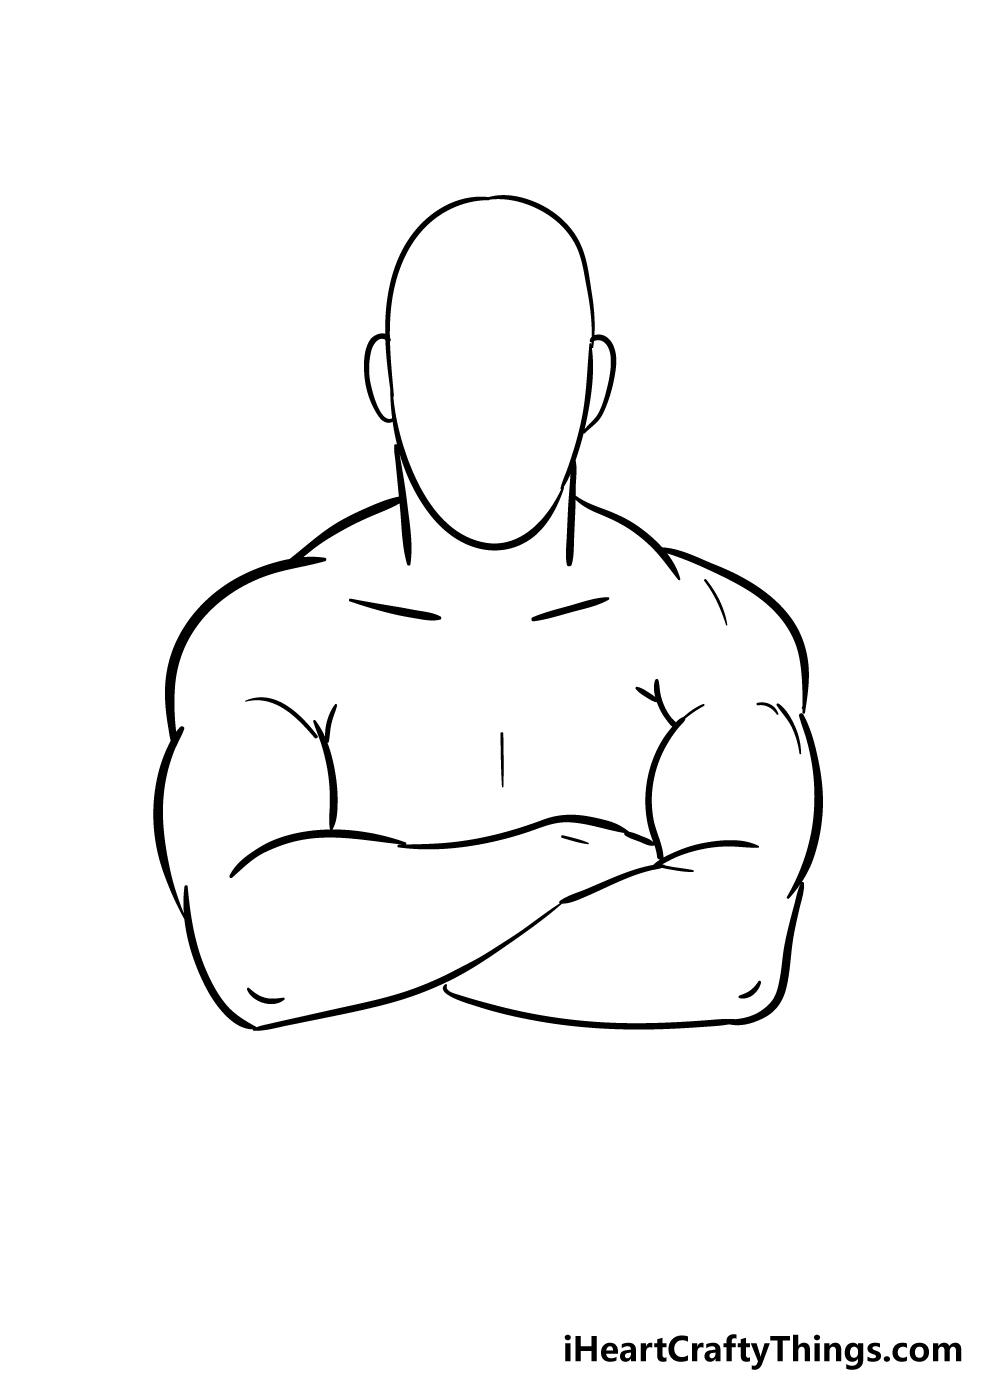 crossed arms drawing step 5